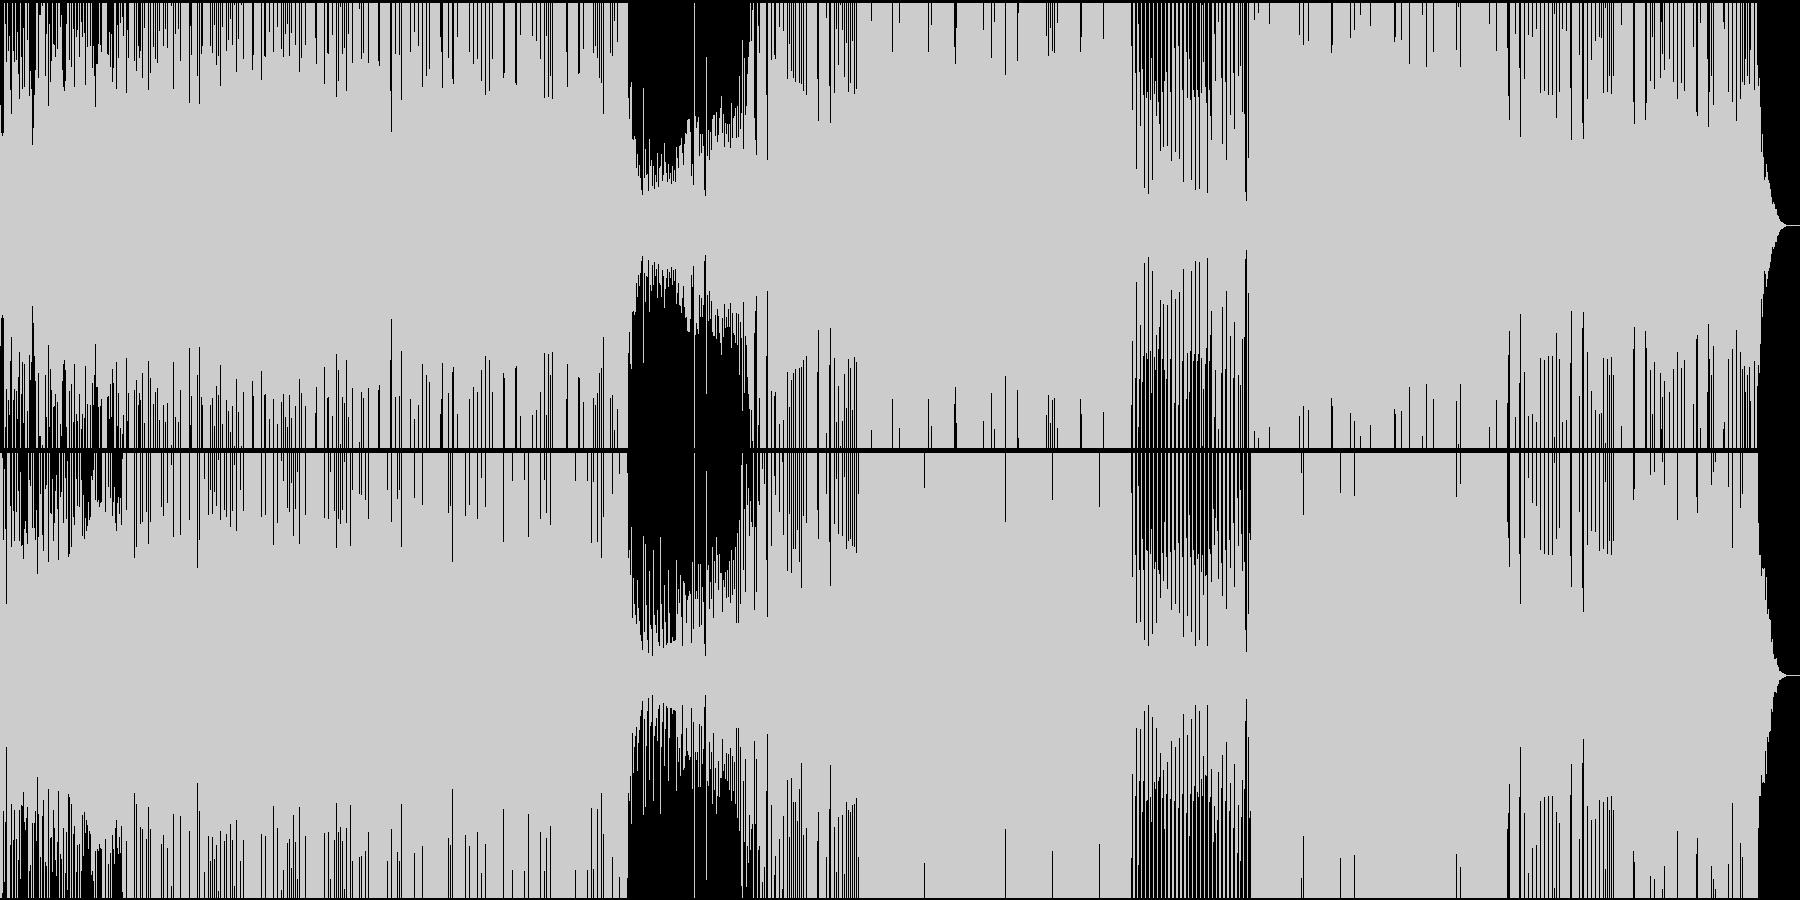 和楽器の軽やかなリズムの和風EDMの未再生の波形